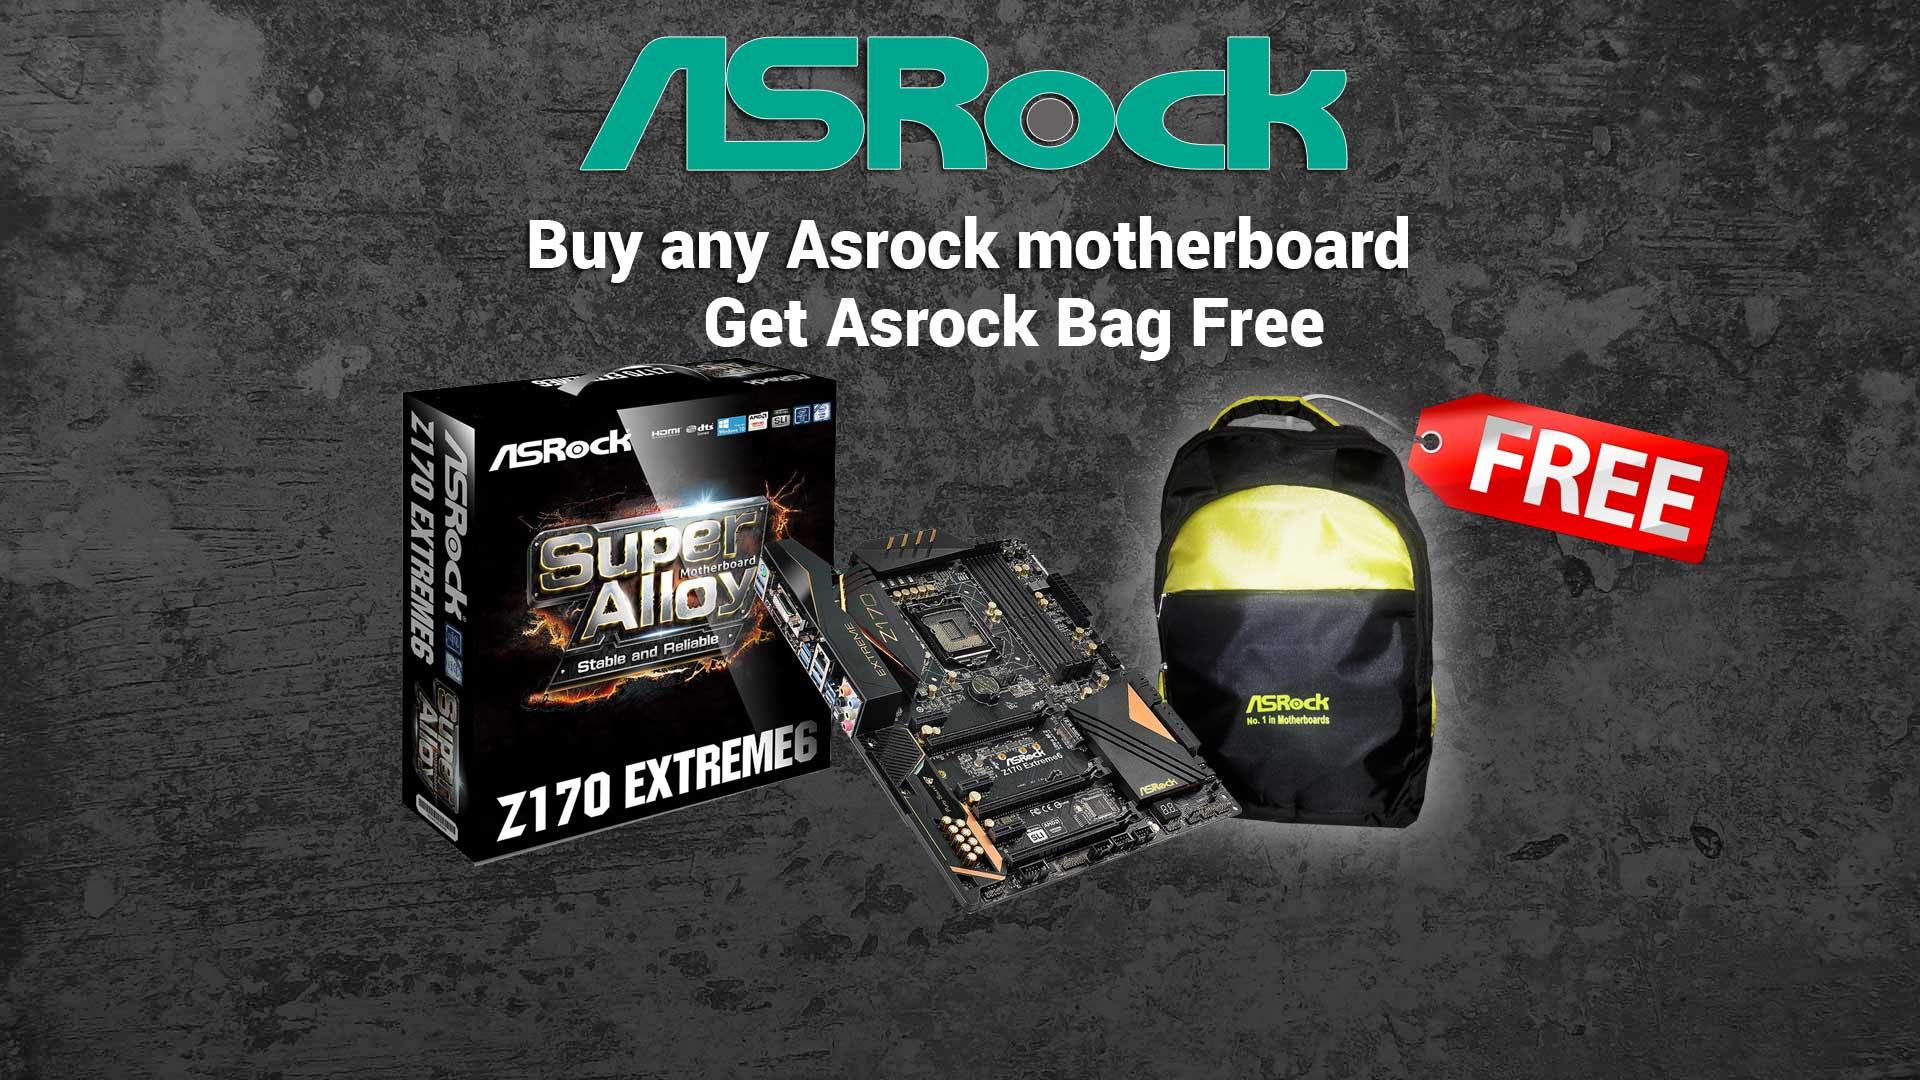 asrock-bag-free-1